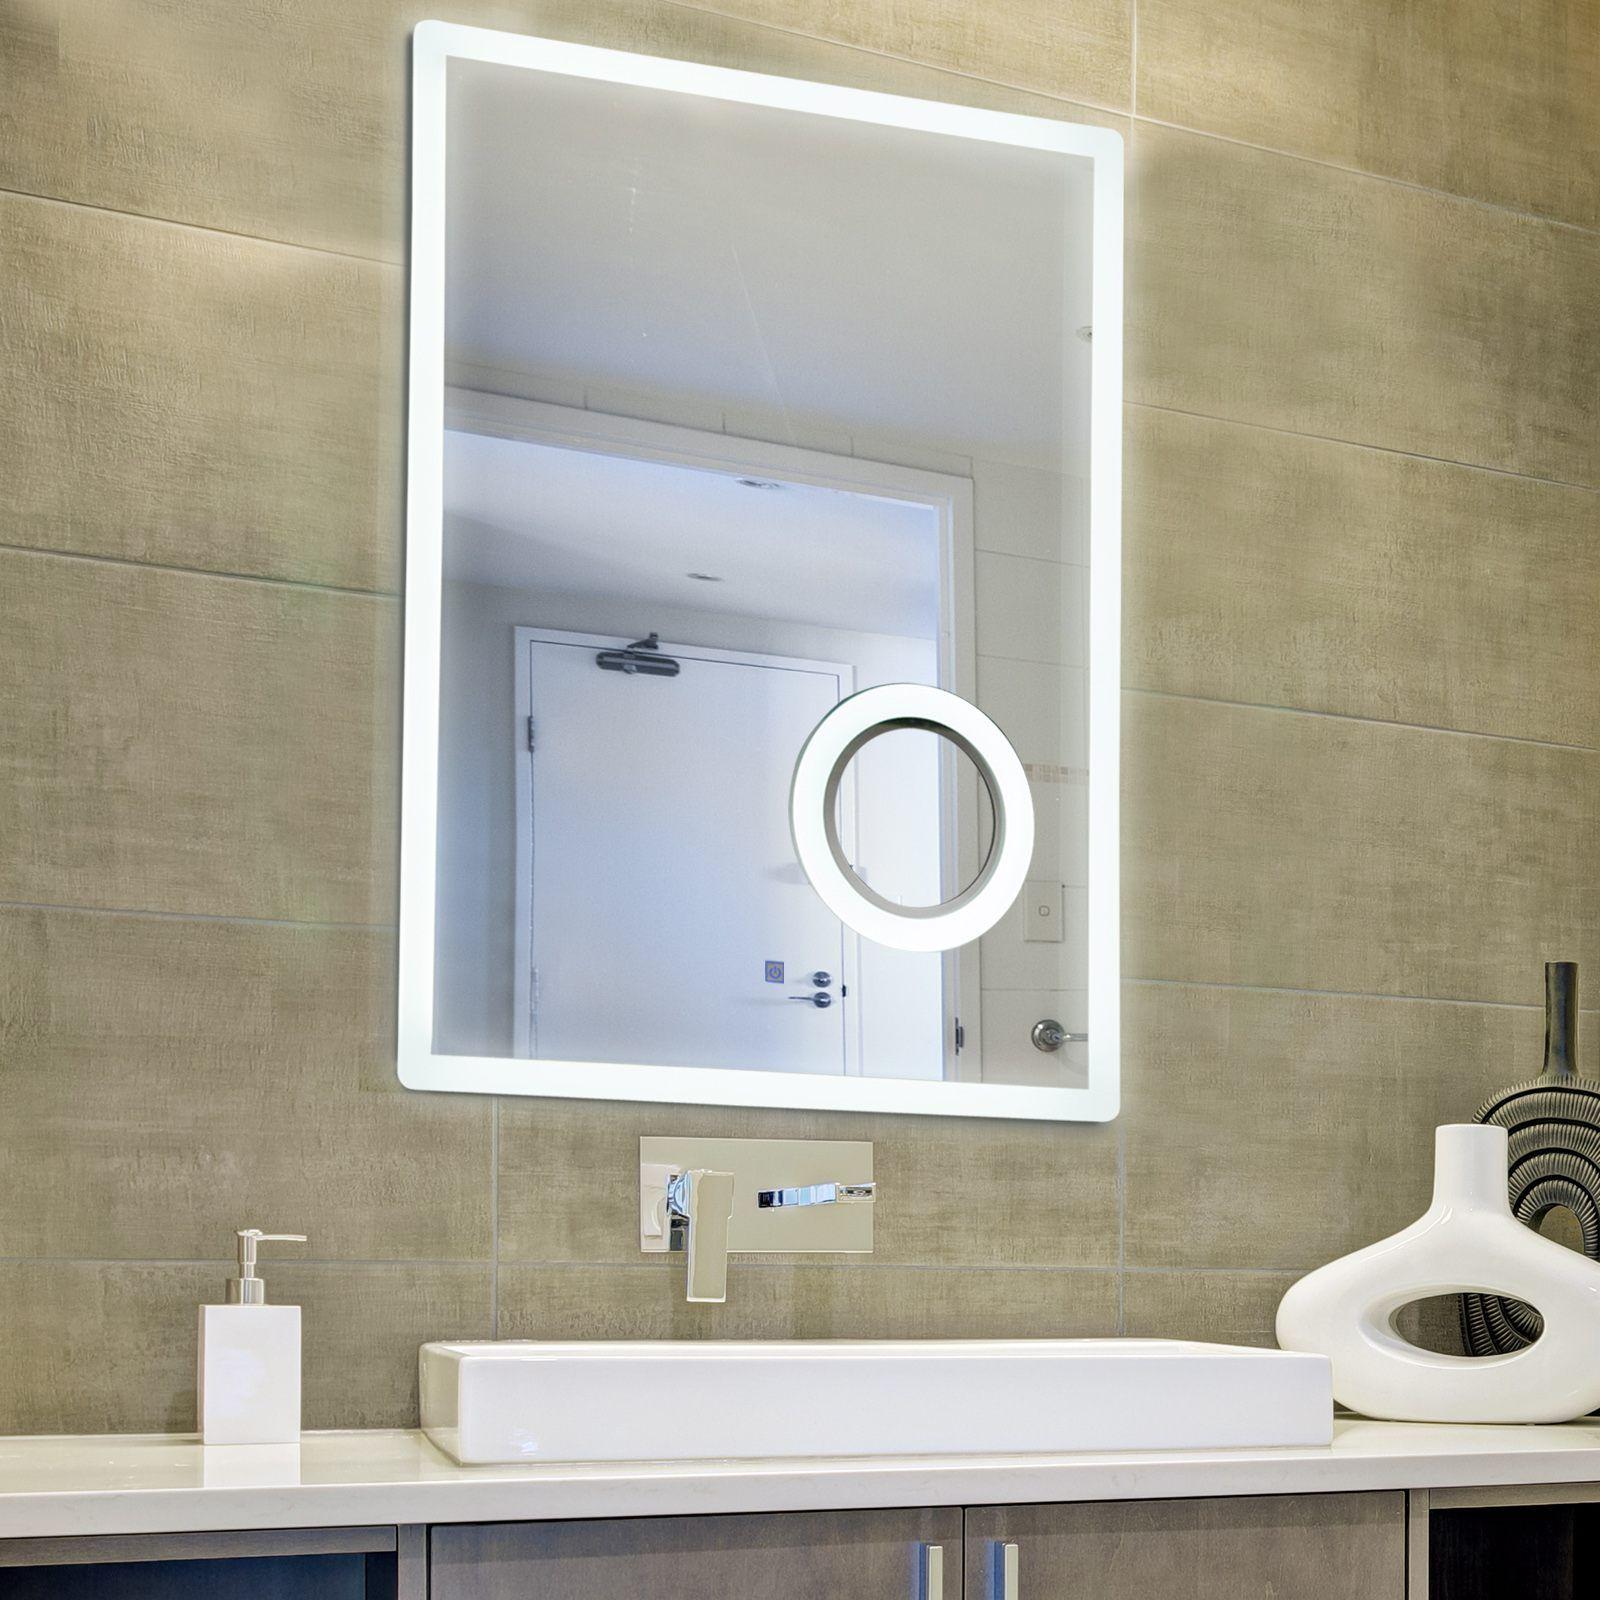 11 Led Badspiegel Mit Schminkspiegel Badezimmerspiegel Beleuchtung